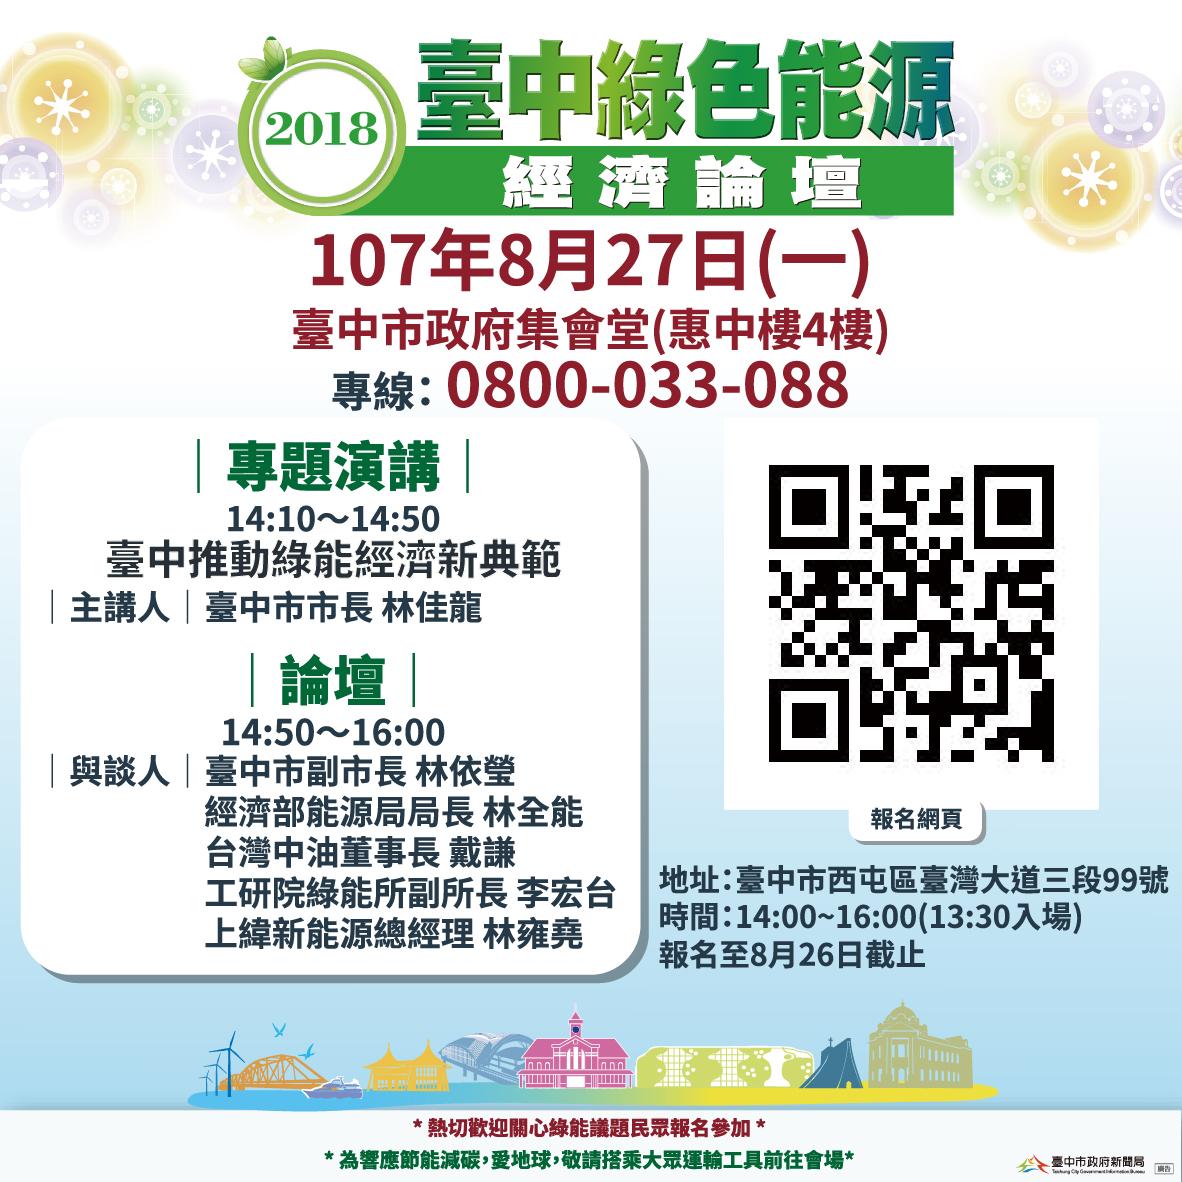 台中綠色能源經濟論壇8/27登場 即日起受理報名